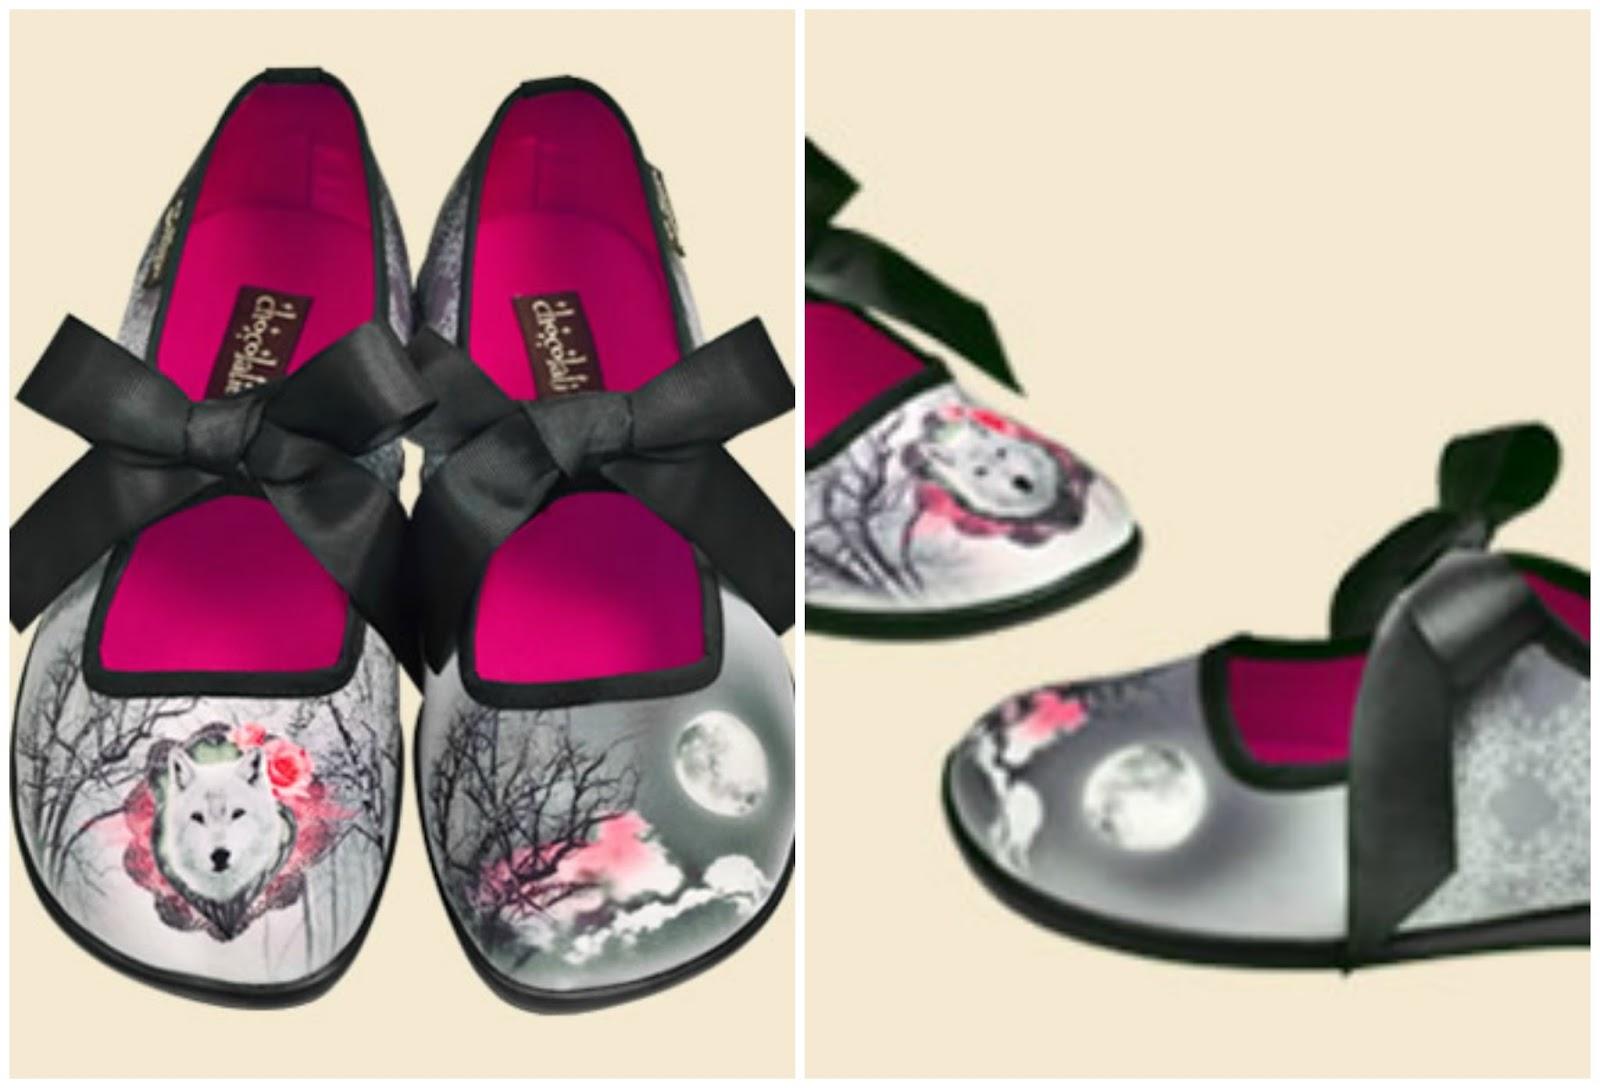 Hot Chocolate Design Shoes Uk Stockists